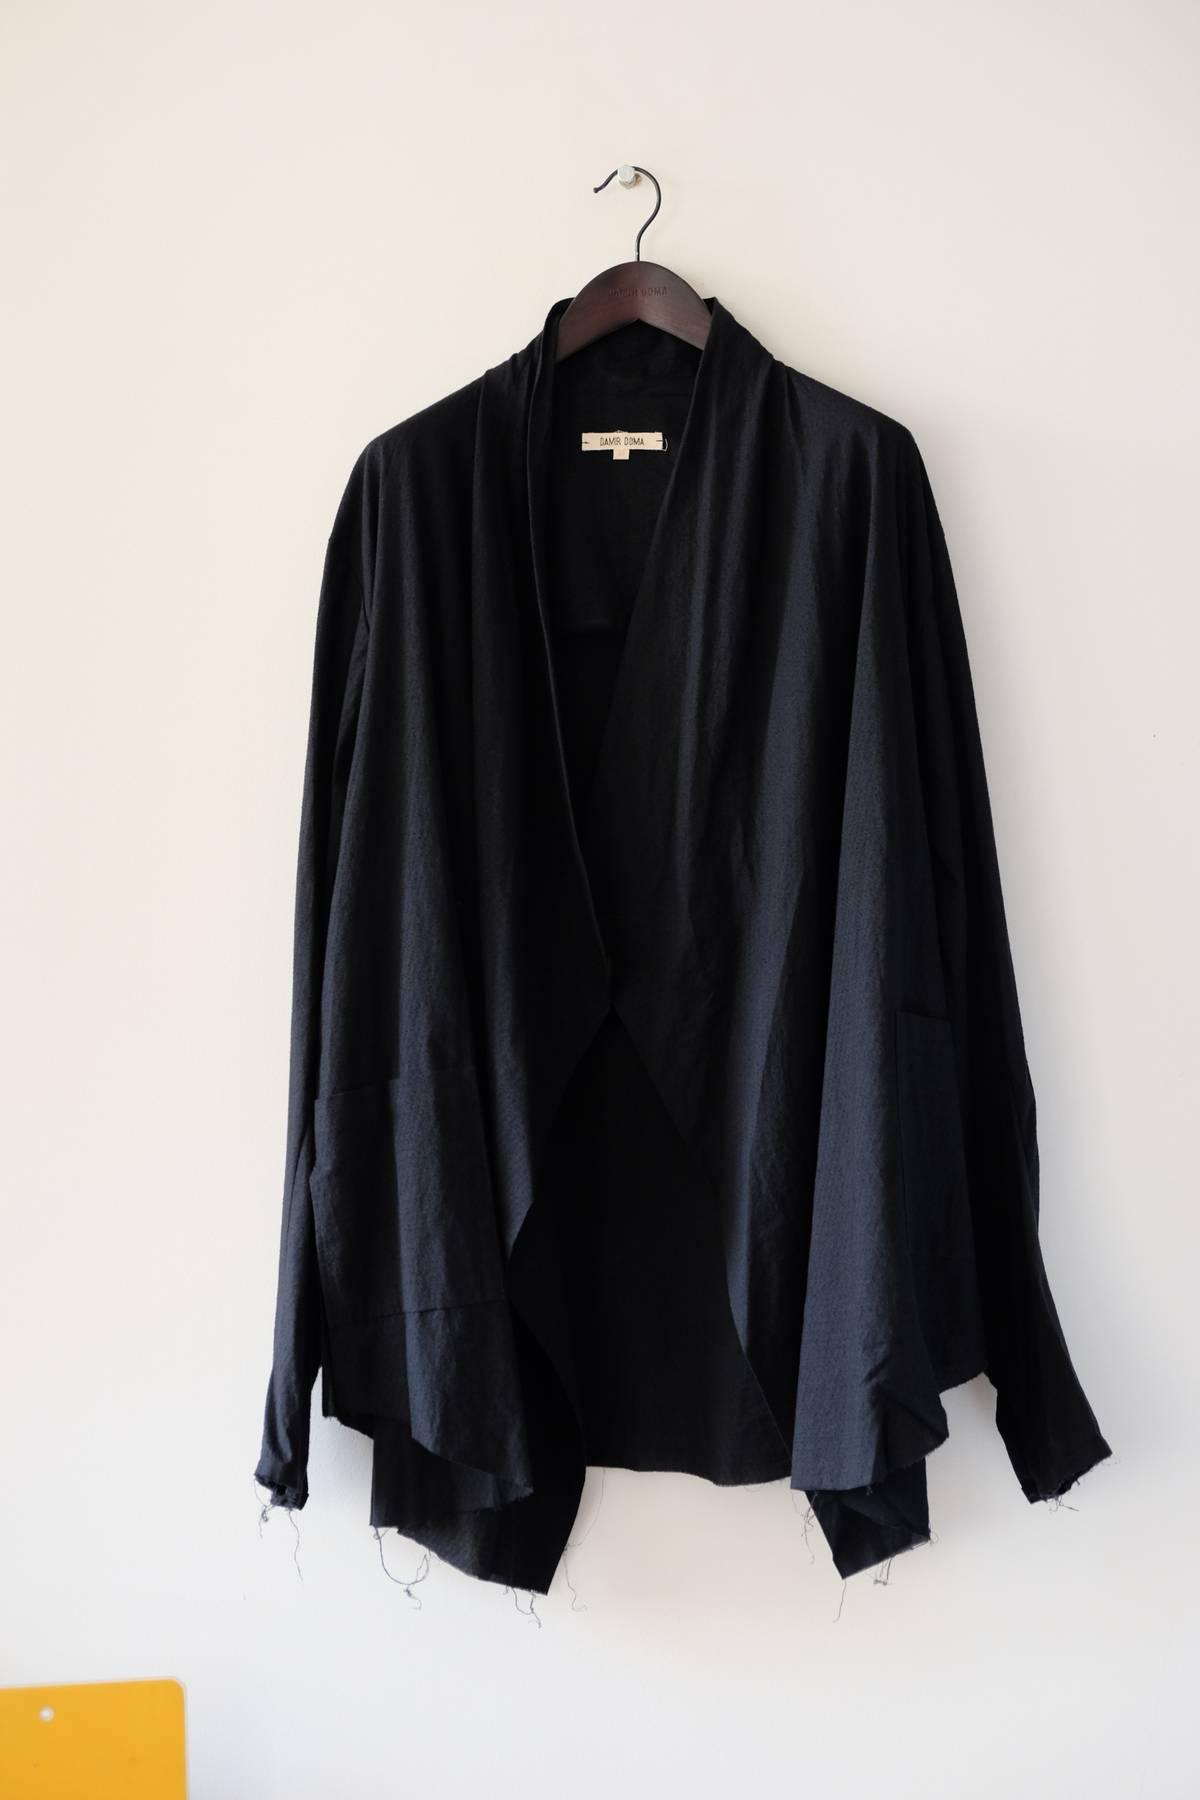 3985f3dcb92450 Damir Doma Double-wrap Shirt In Kimono Style | Grailed